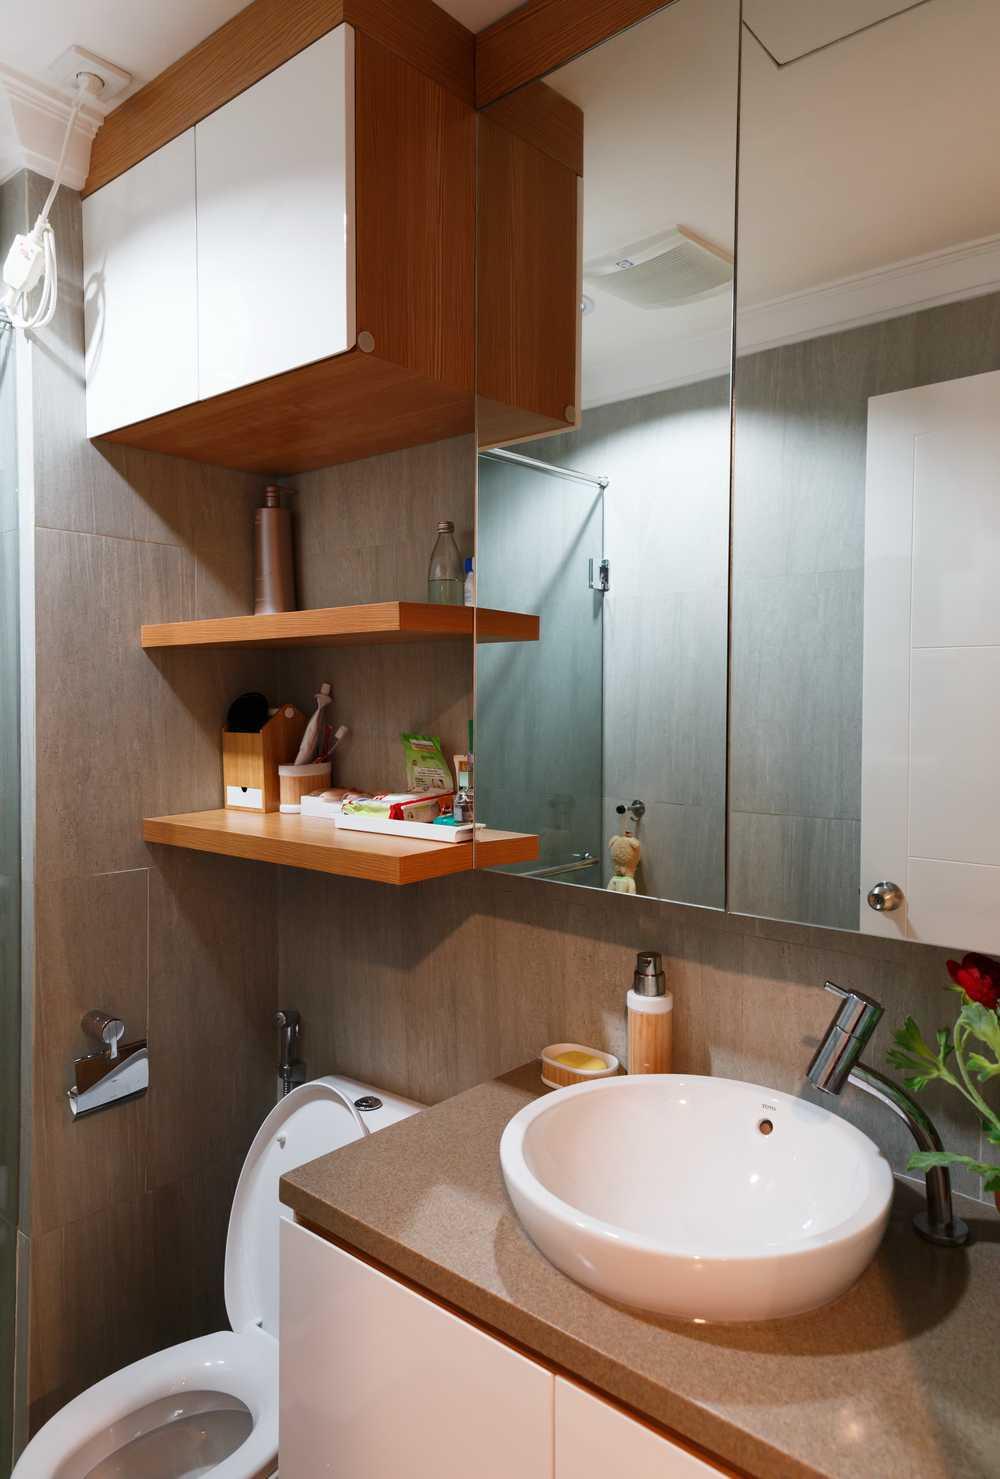 Foto inspirasi ide desain kamar mandi skandinavia Img3807 oleh ARTE Living di Arsitag